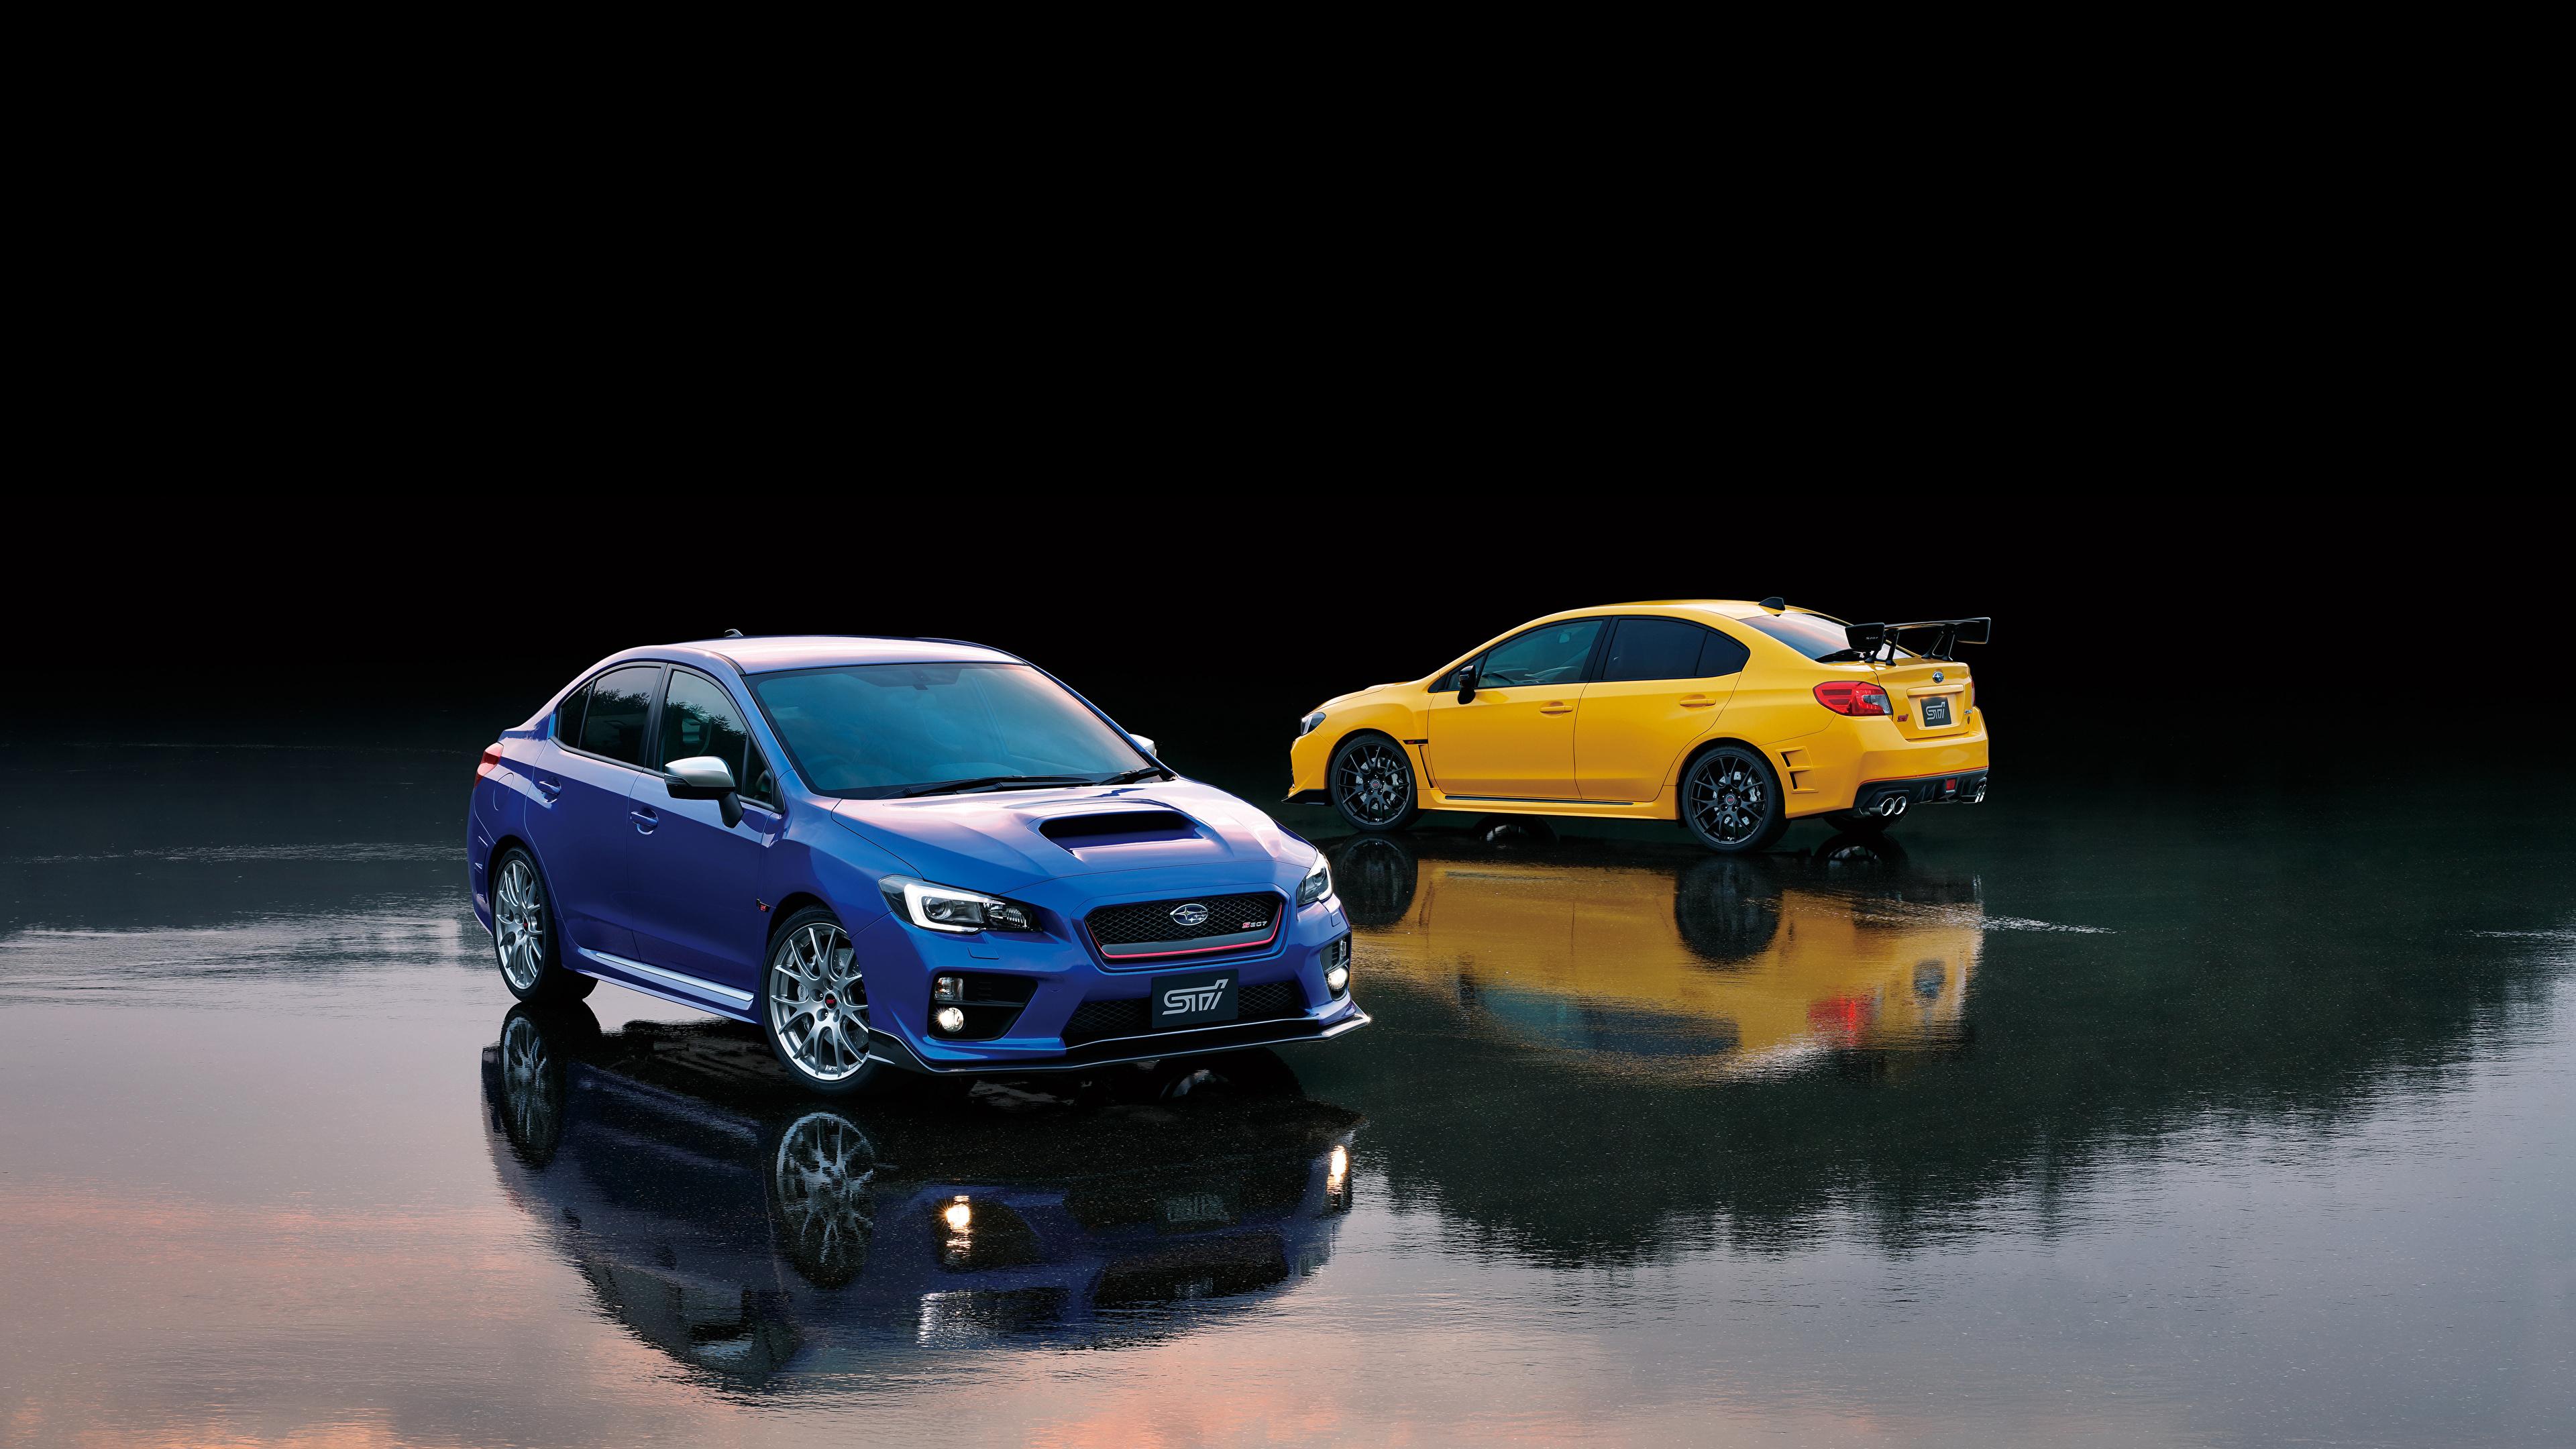 壁紙 3840x2160 スバル Wrx Sti 2 二つ 自動車 ダウンロード 写真